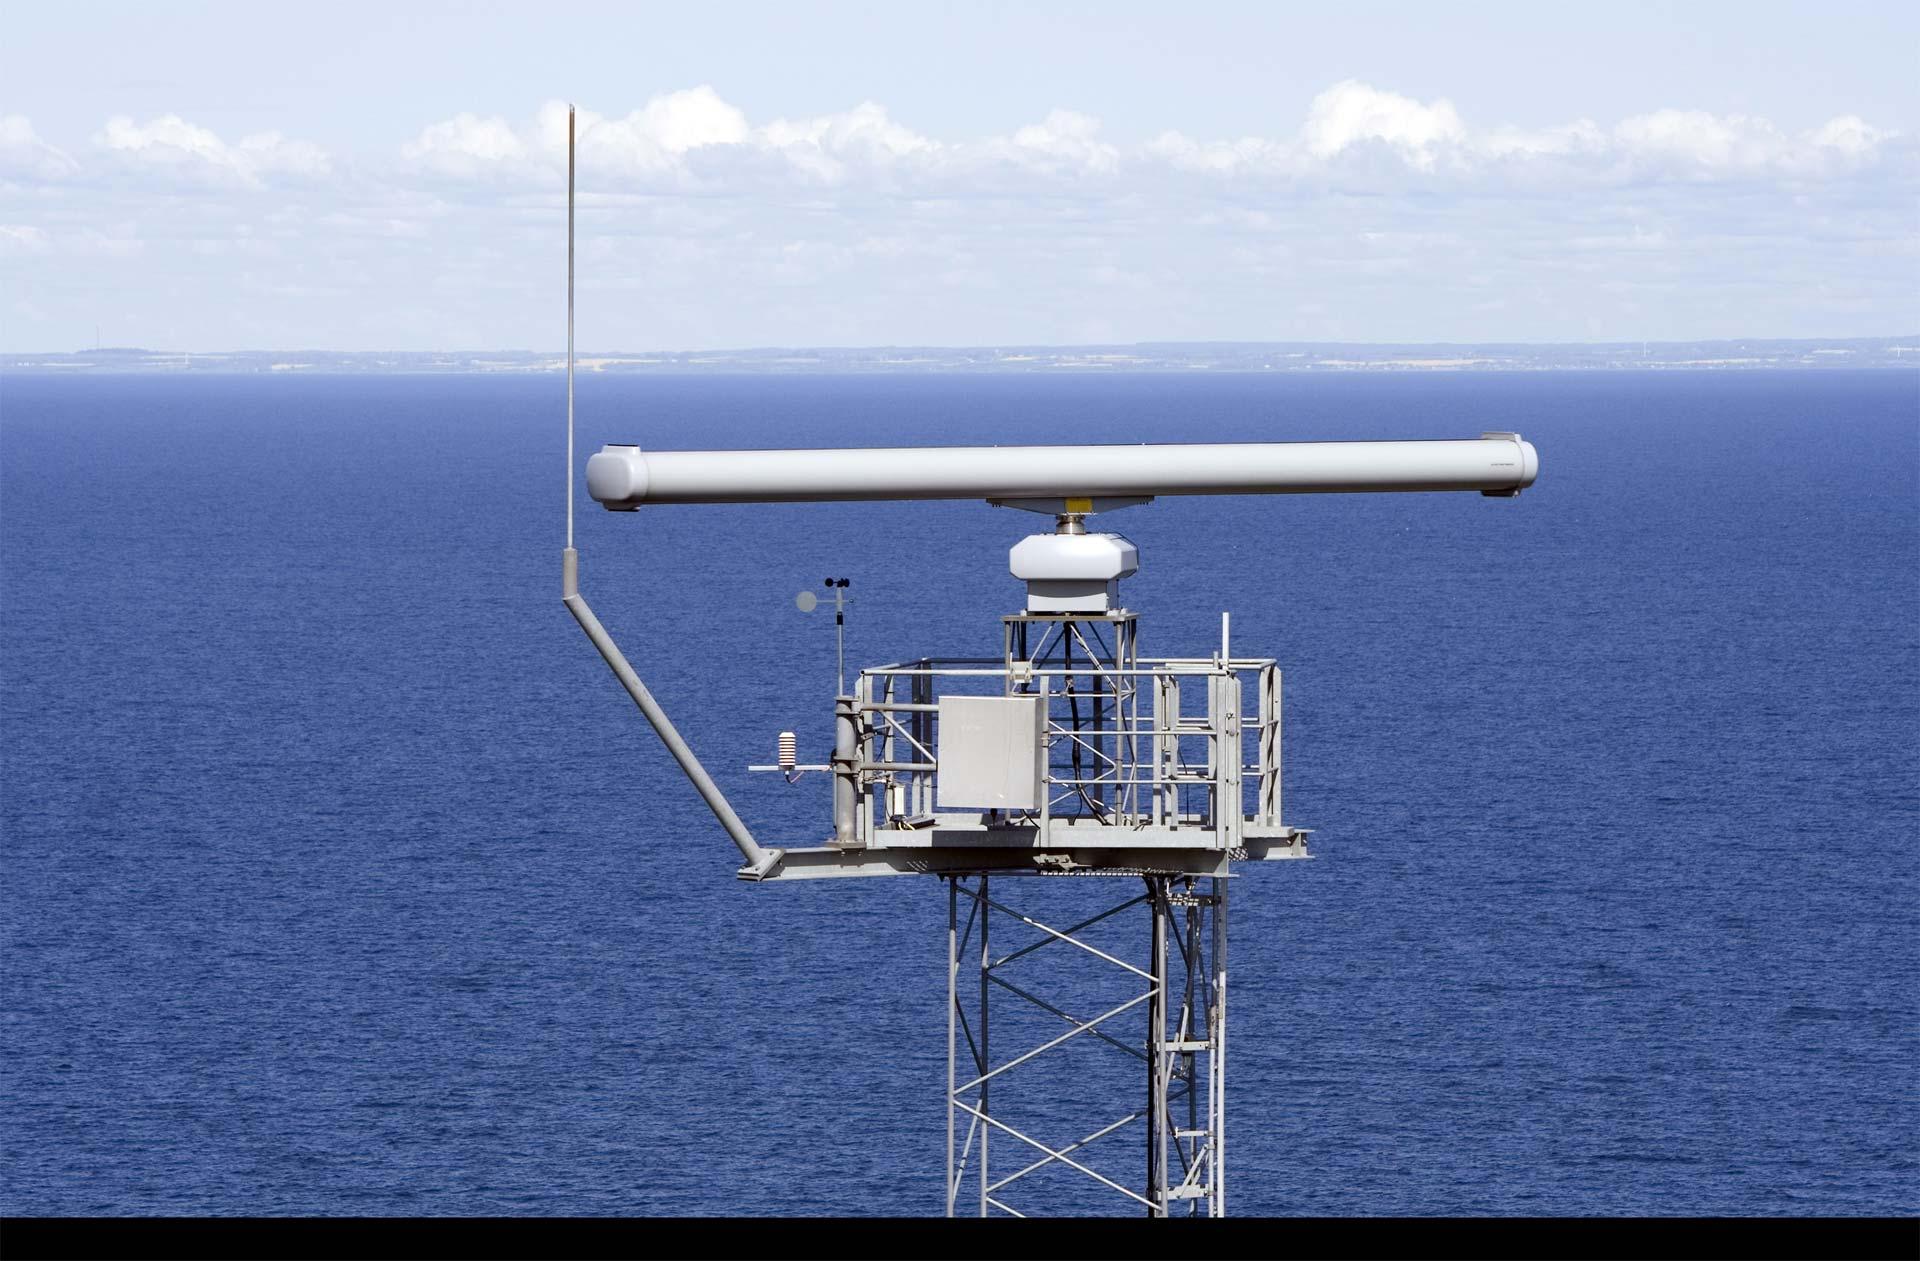 Investigadores españoles desarrollan un sistema para predecir el comportamiento del mar y evitar catástrofes